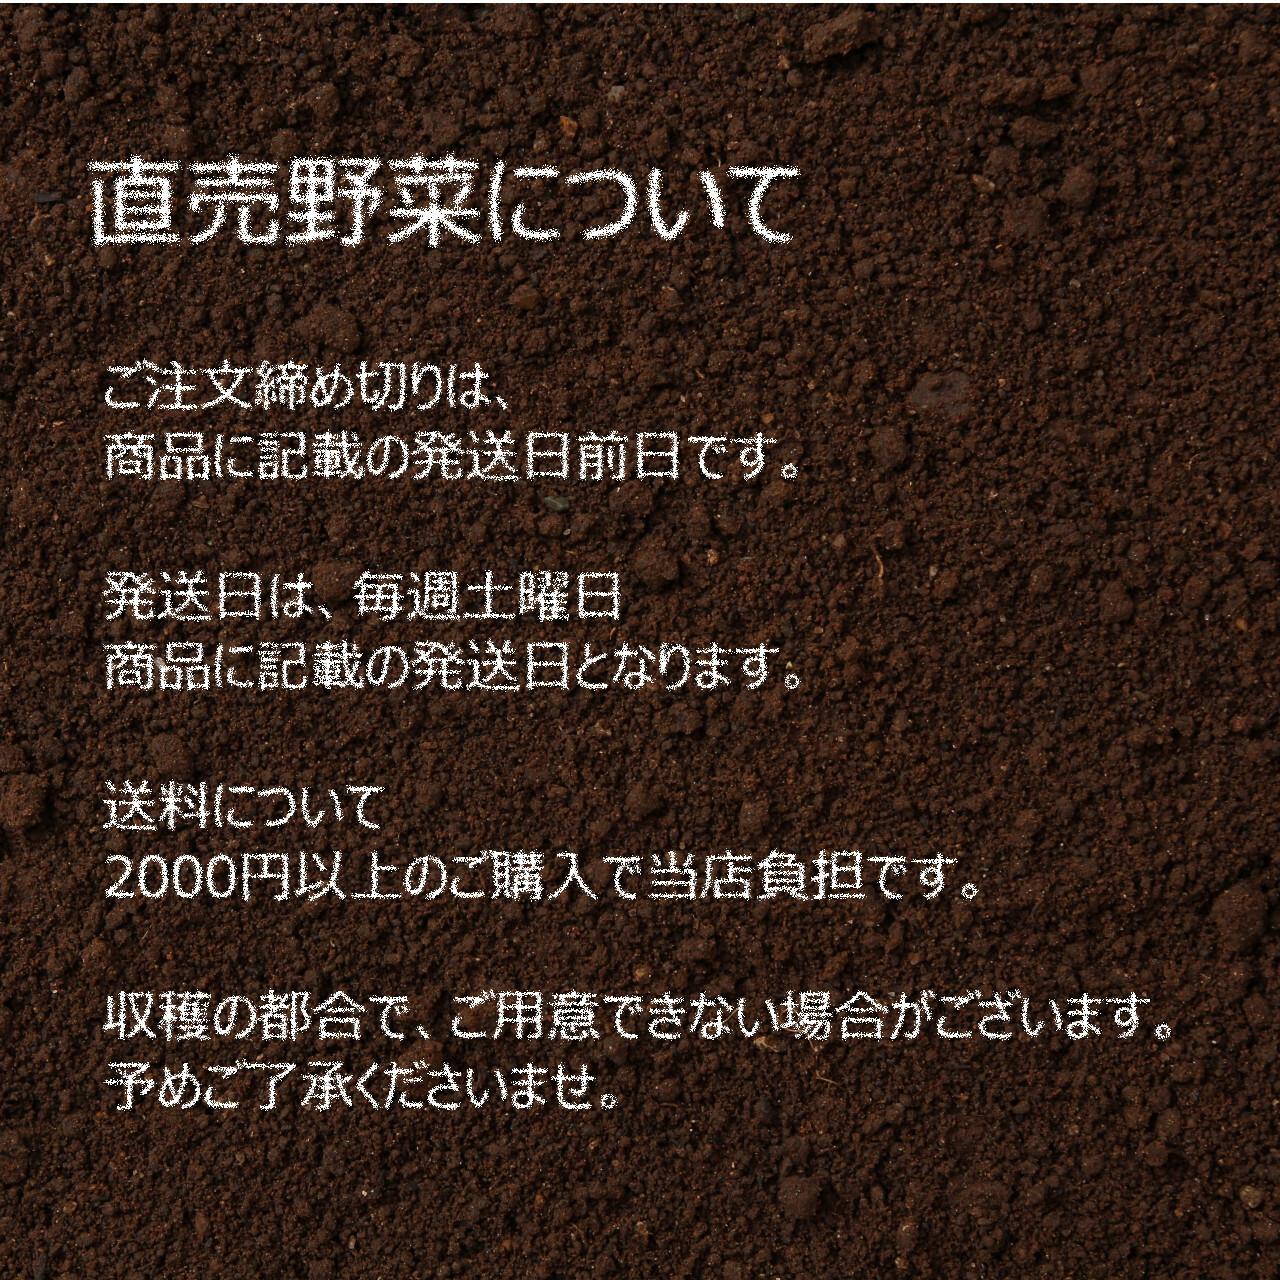 春の新鮮野菜 ブロッコリー 約 1個: 5月の朝採り直売野菜 5月30日発送予定